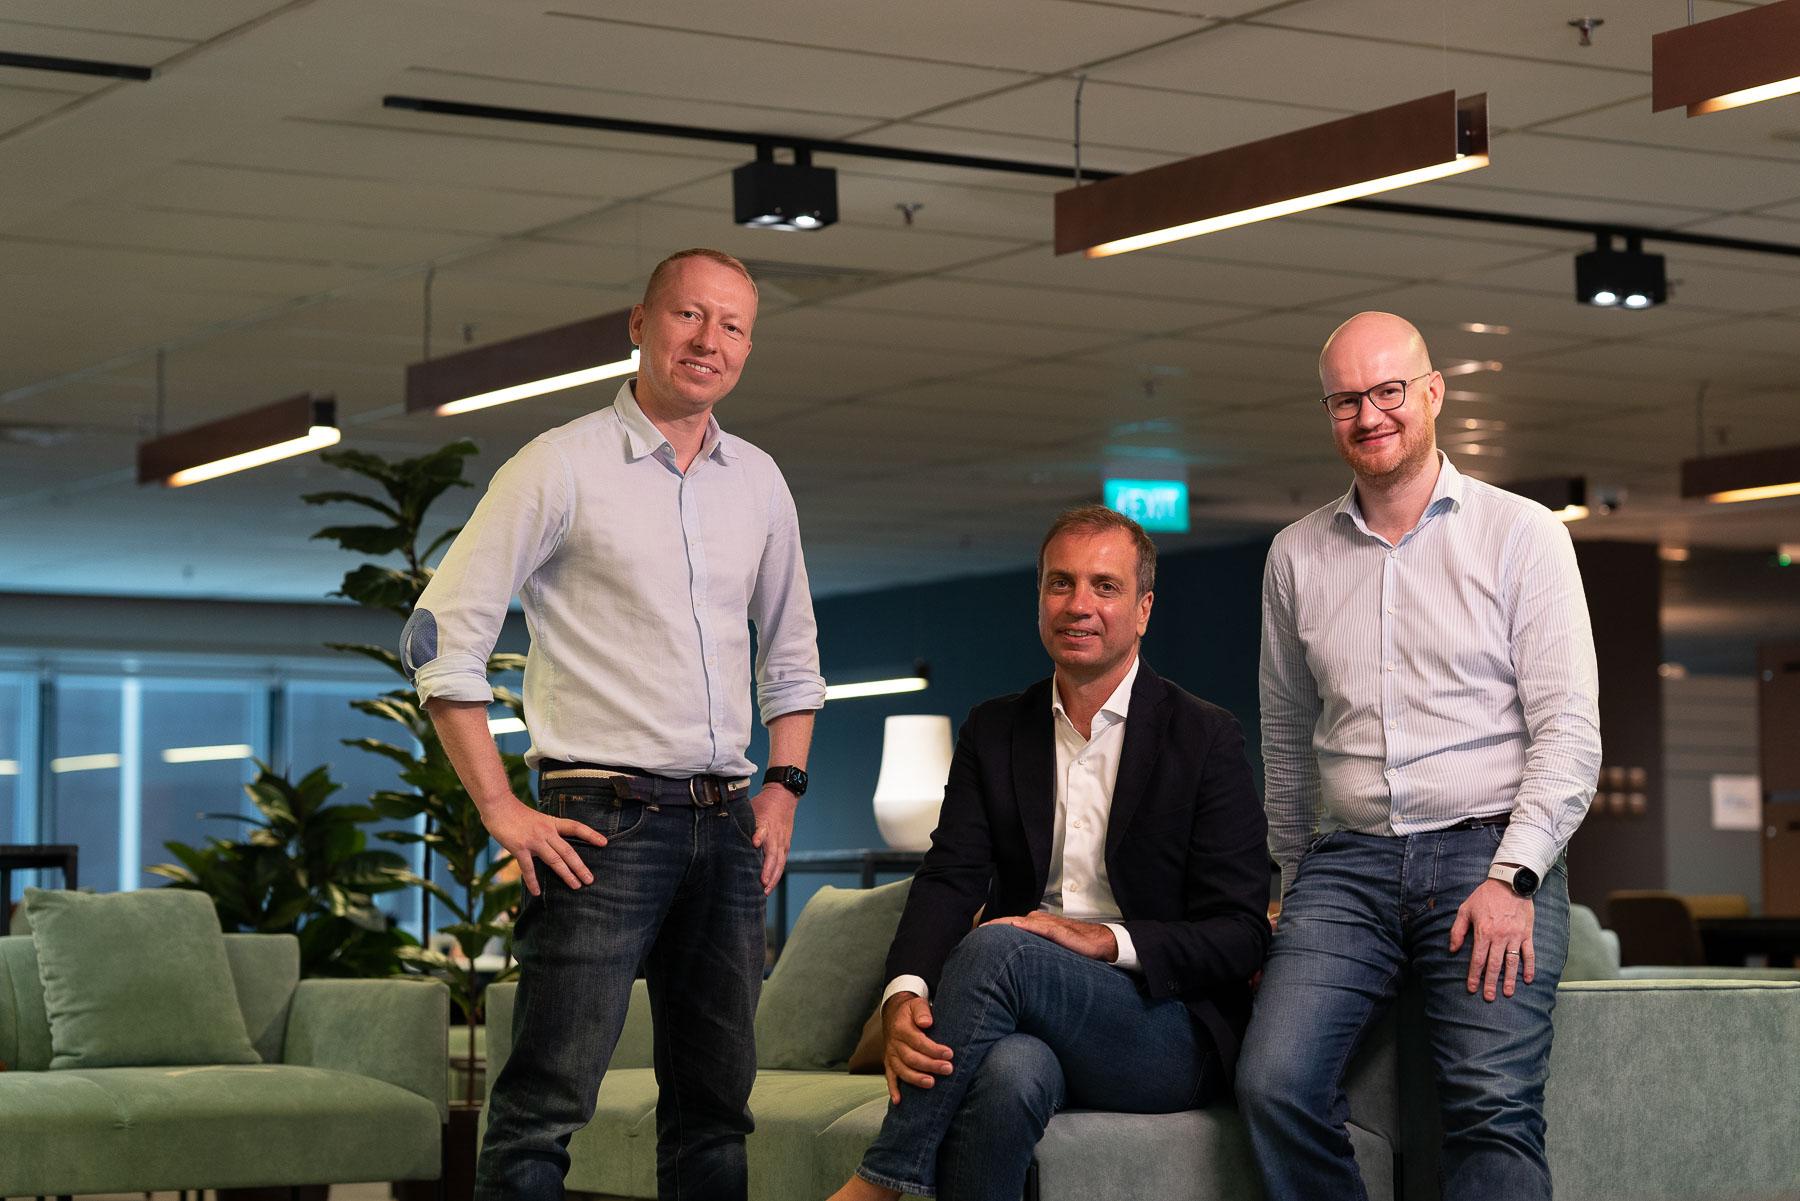 Osome's founding team, Anton Roslov, Victor Lysenko and Konstantin Lange